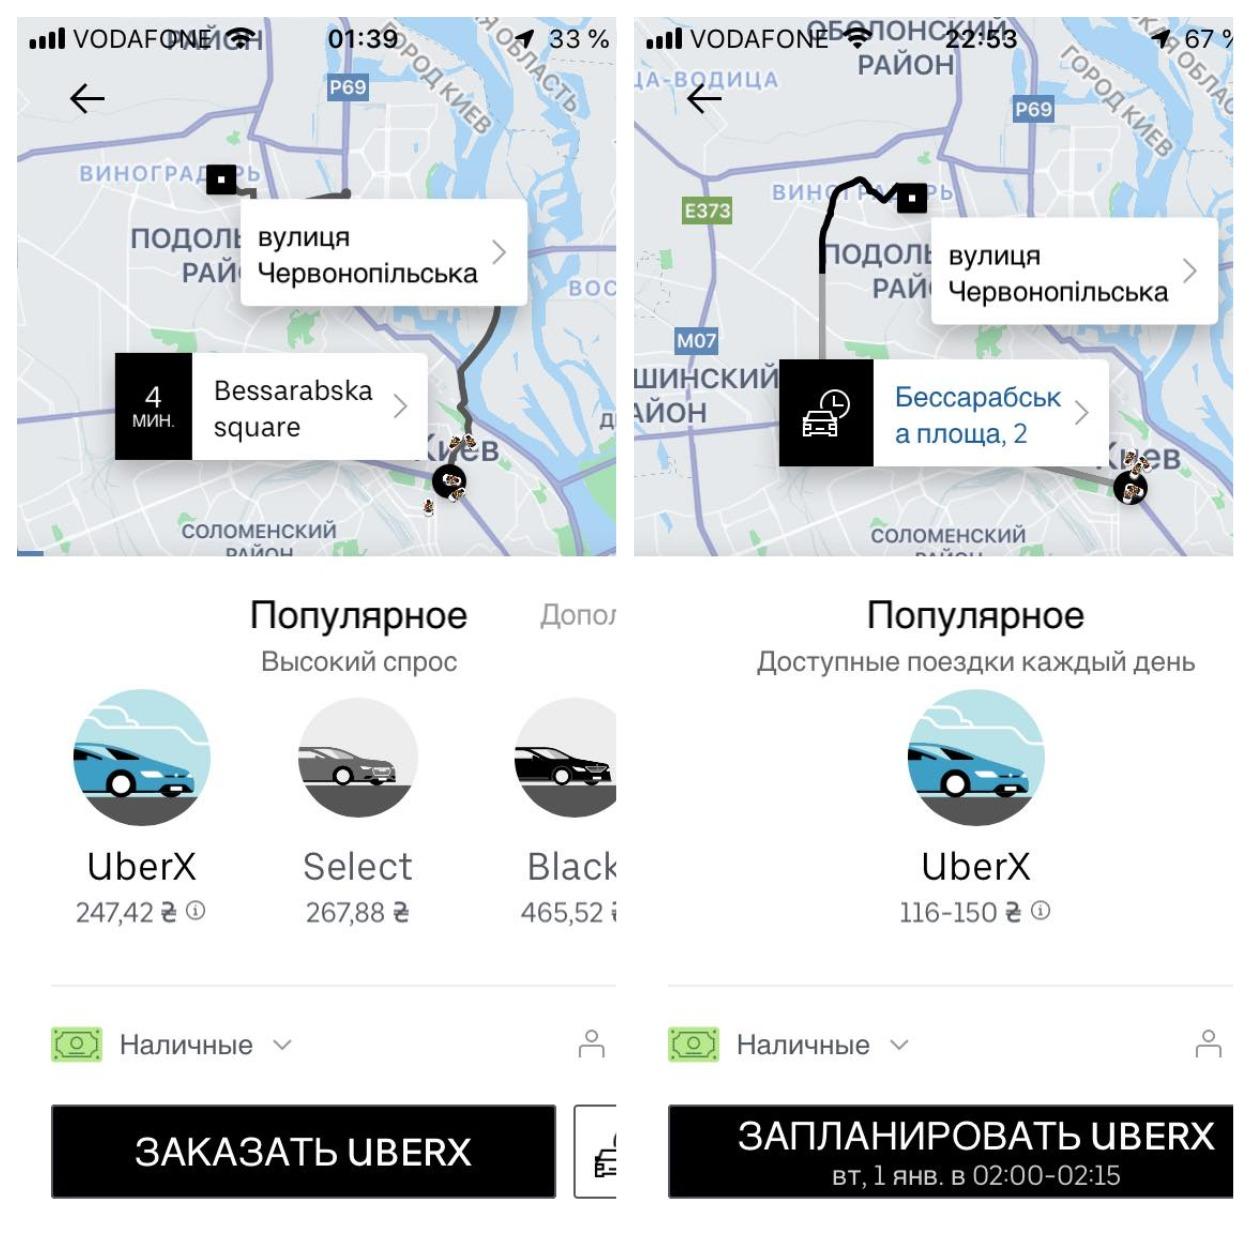 Uber явно не готов предложить демократичные цены в новогоднюю ночь